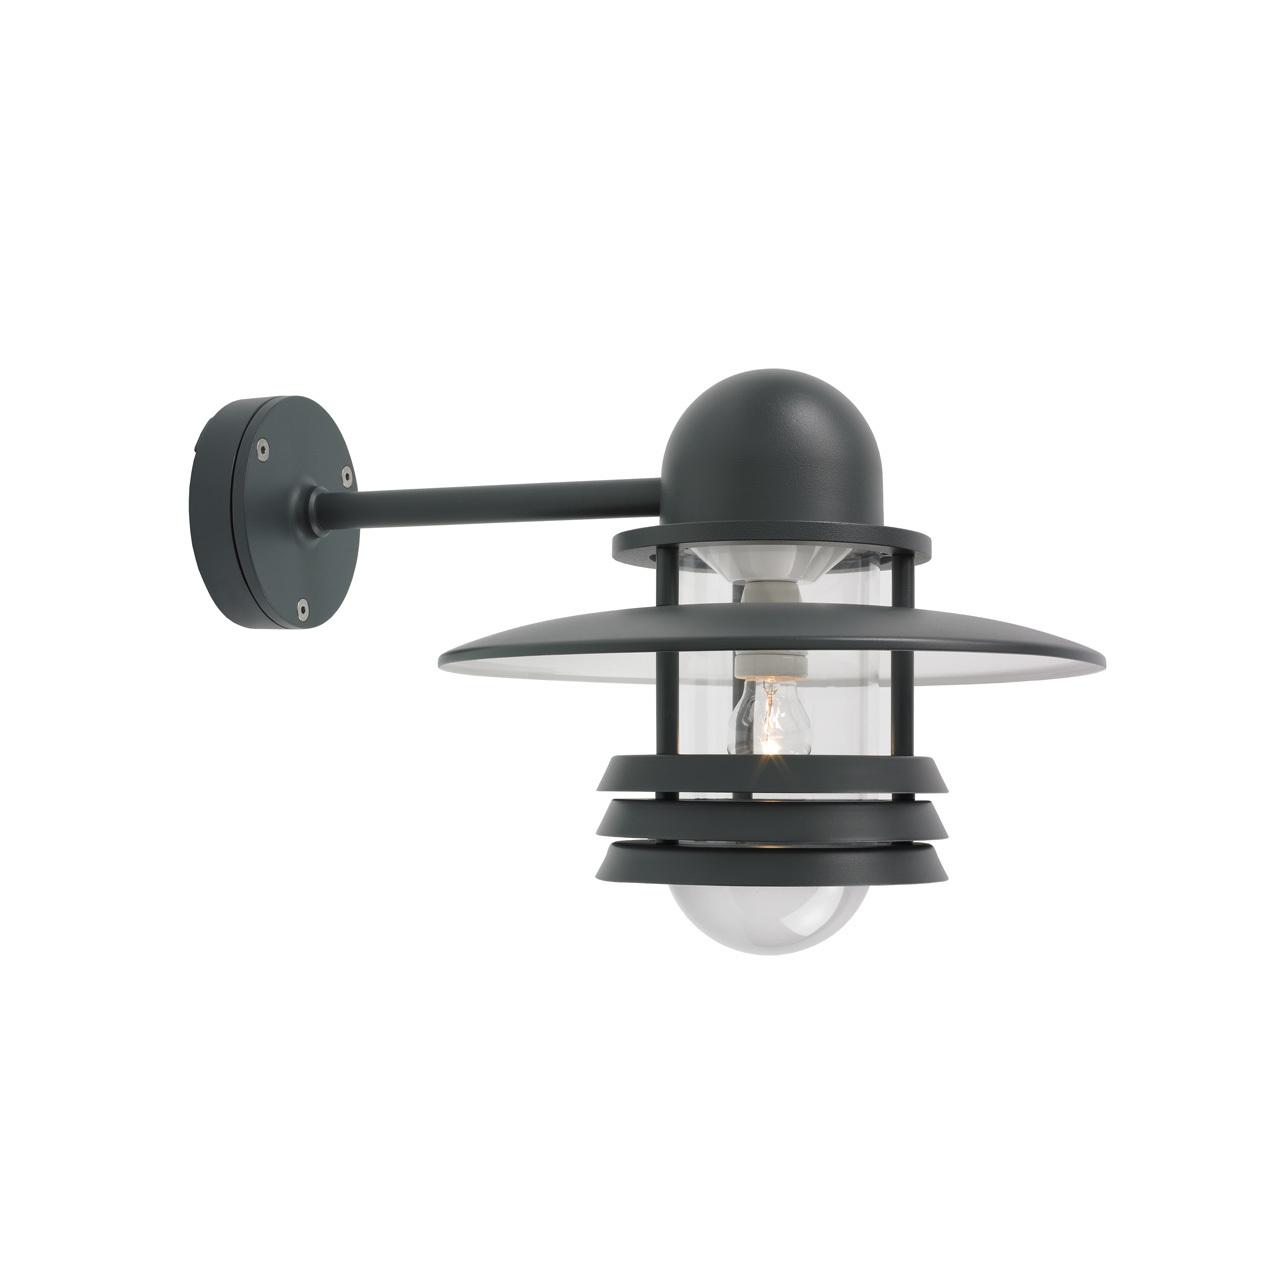 Lampa ścienna HELSINKI 886GR -Norlys  SPRAWDŹ RABATY  5-10-15-20 % w koszyku